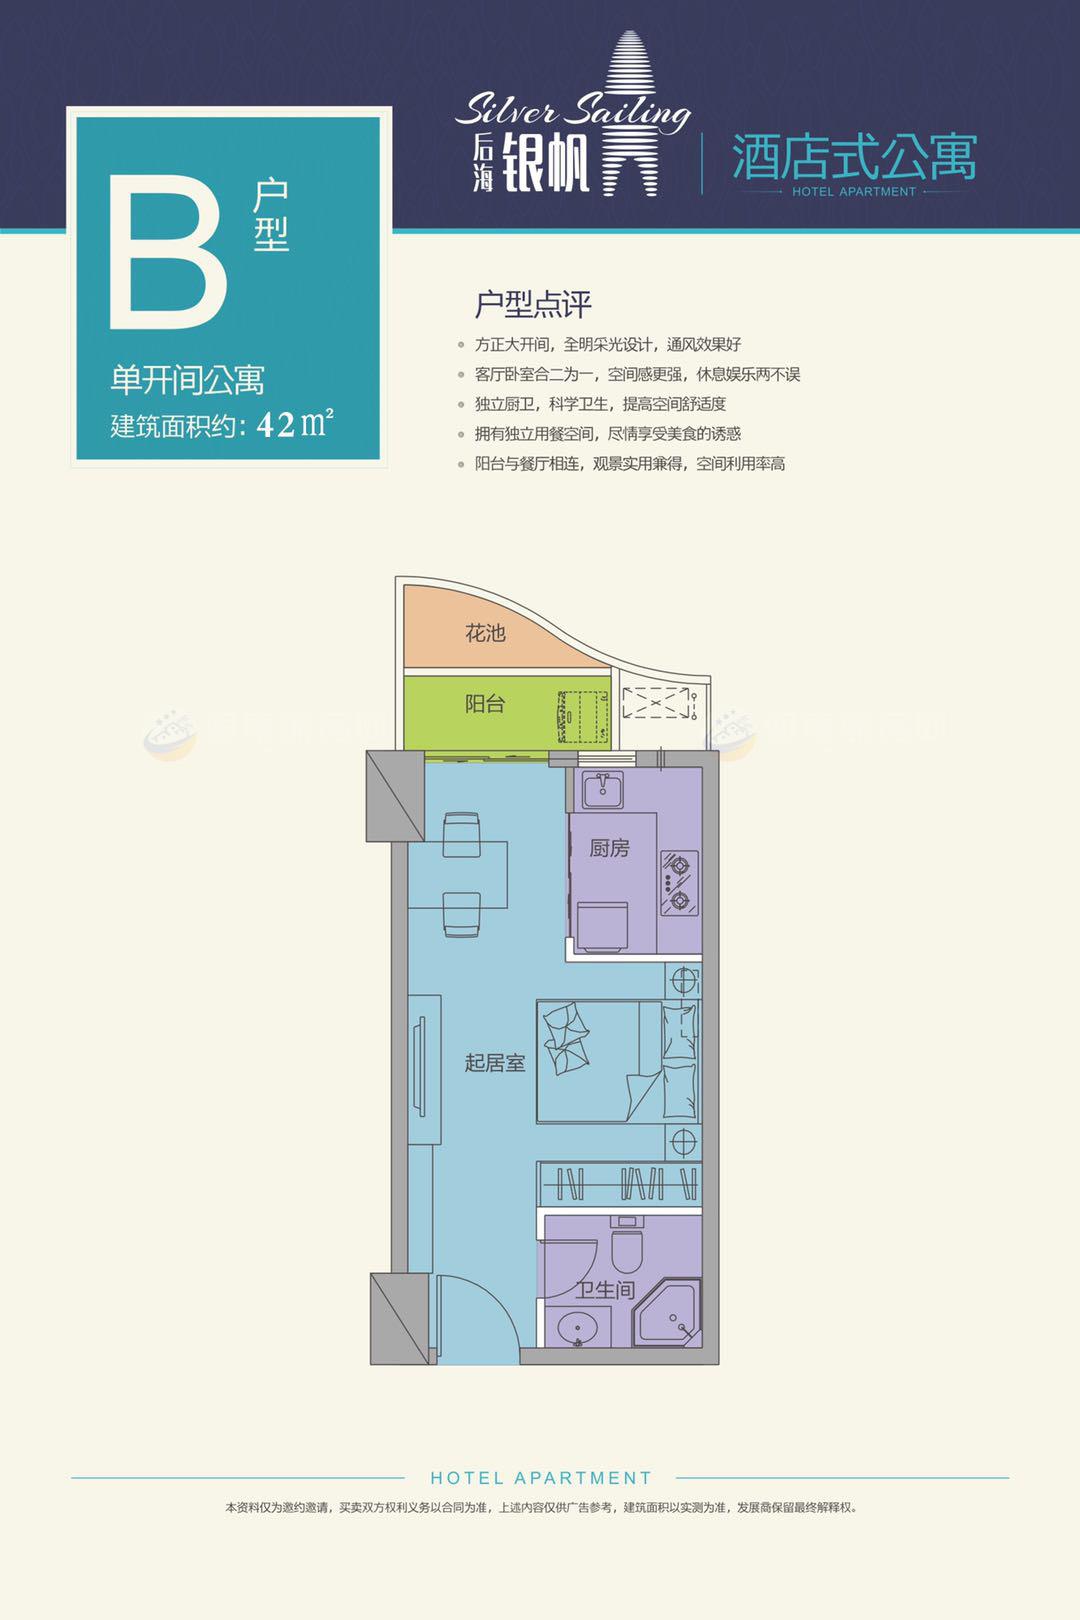 后海银帆1房1厅1厨1卫 (建筑面积:42.00㎡)